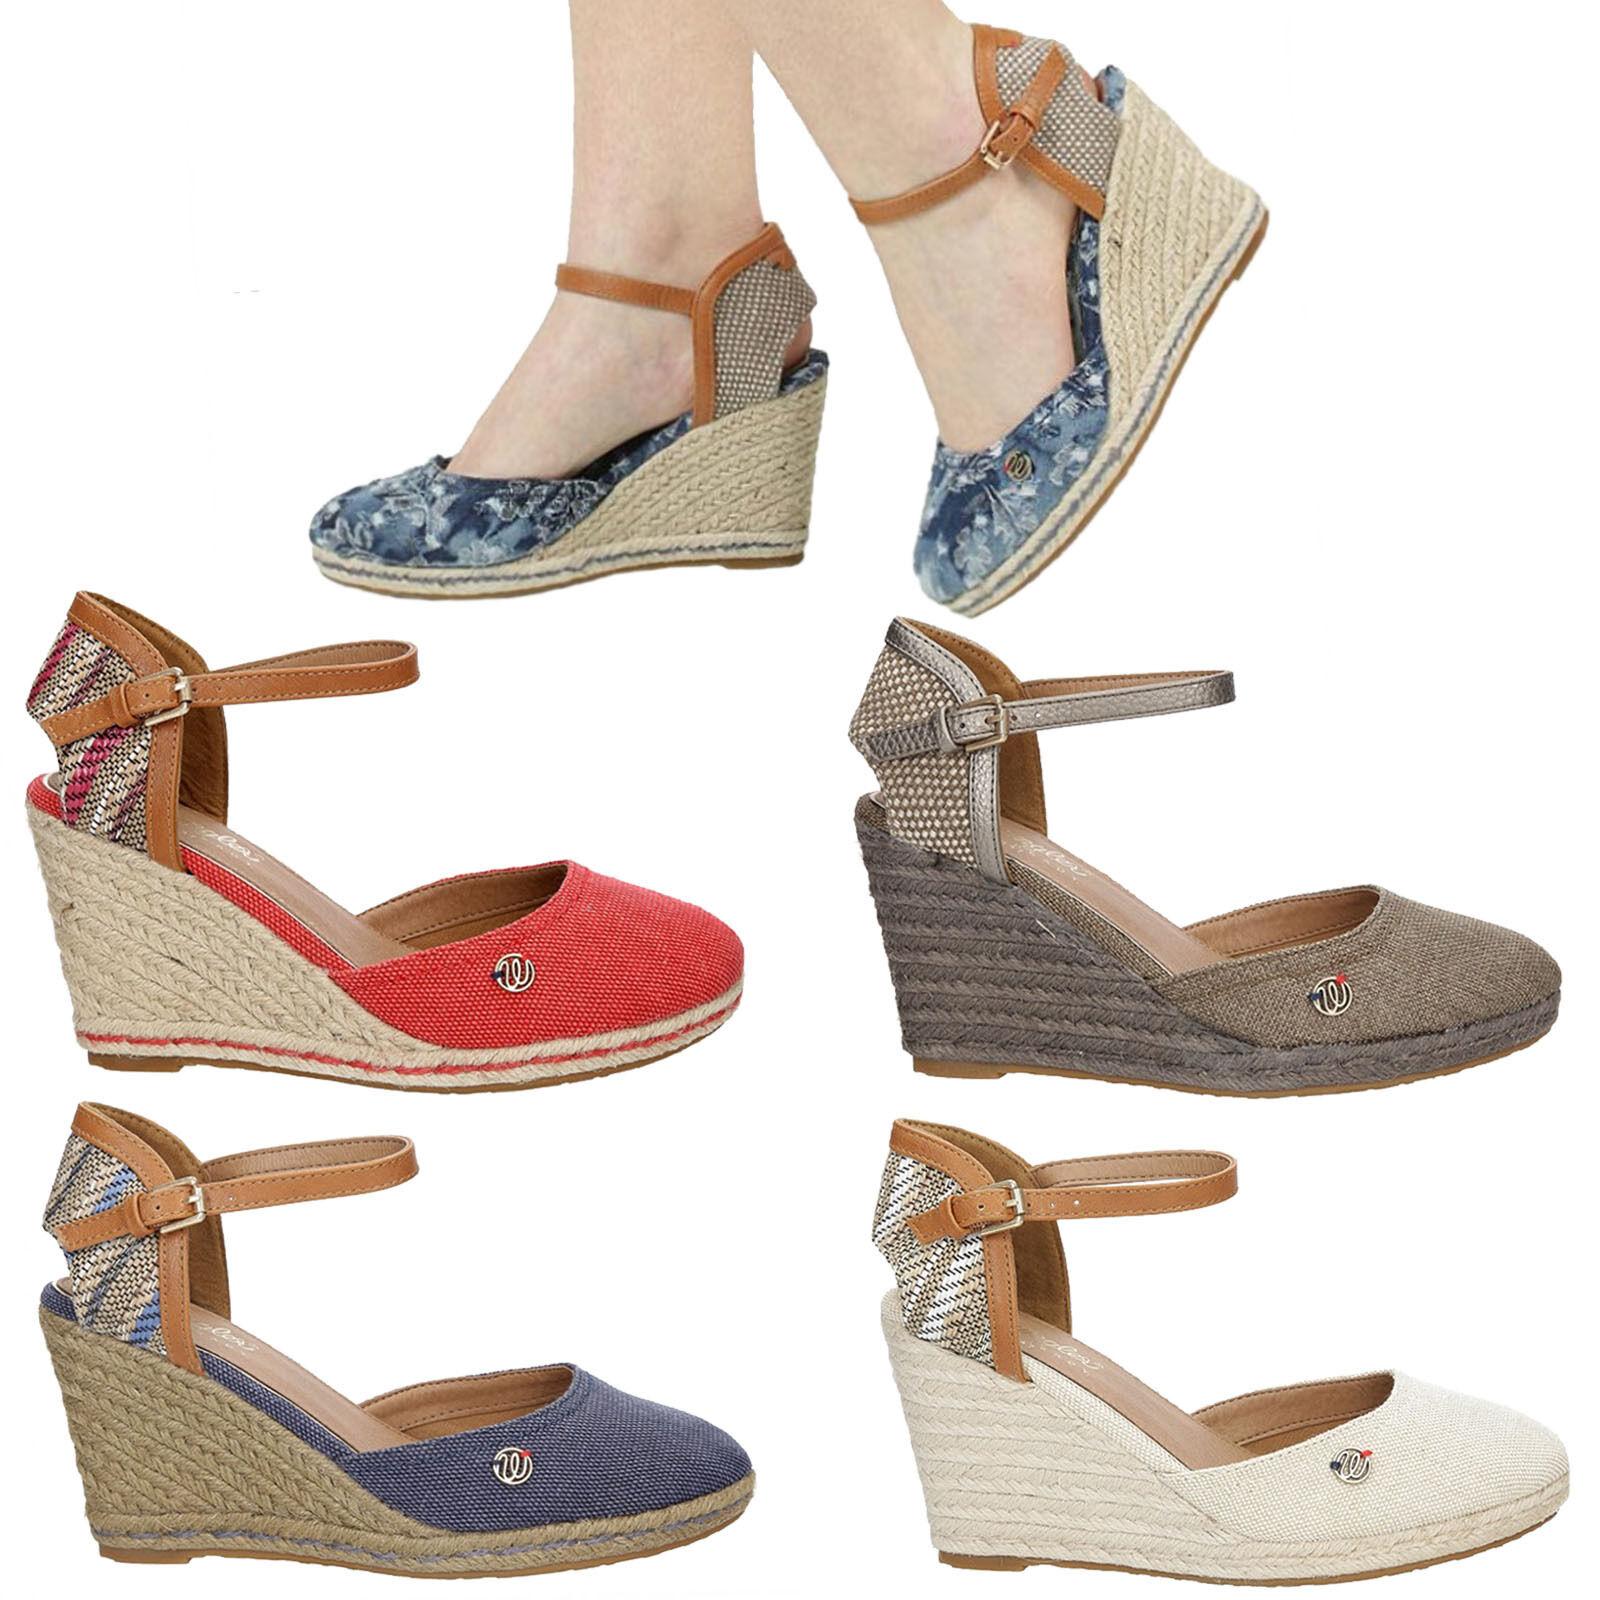 Damen Sandaletten Wrangler Wl171610 Keilabsatz Sommer Riemchen Gr. 36-40 SALE